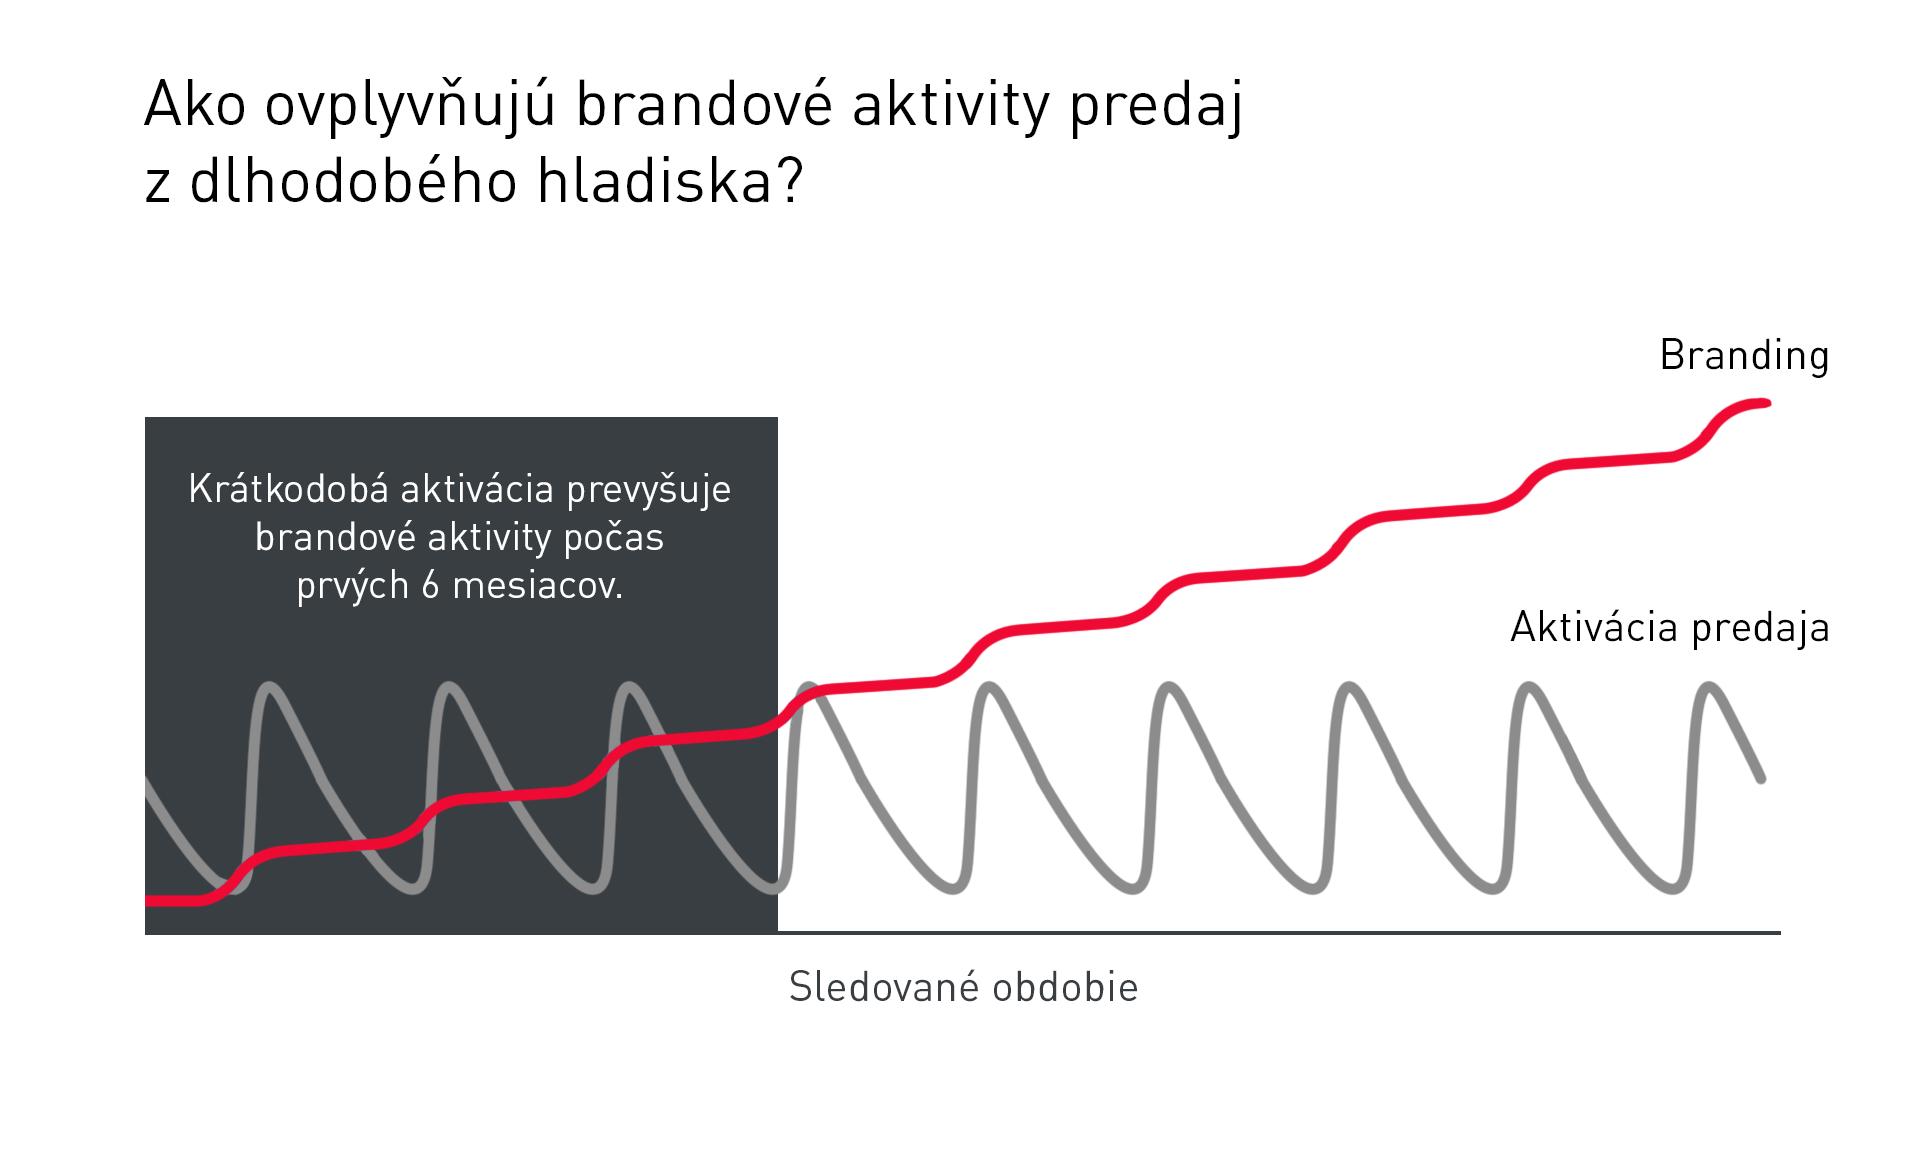 dlhodoby-vplvy-brandovych-aktivit-na-b2b-predaje-upvision